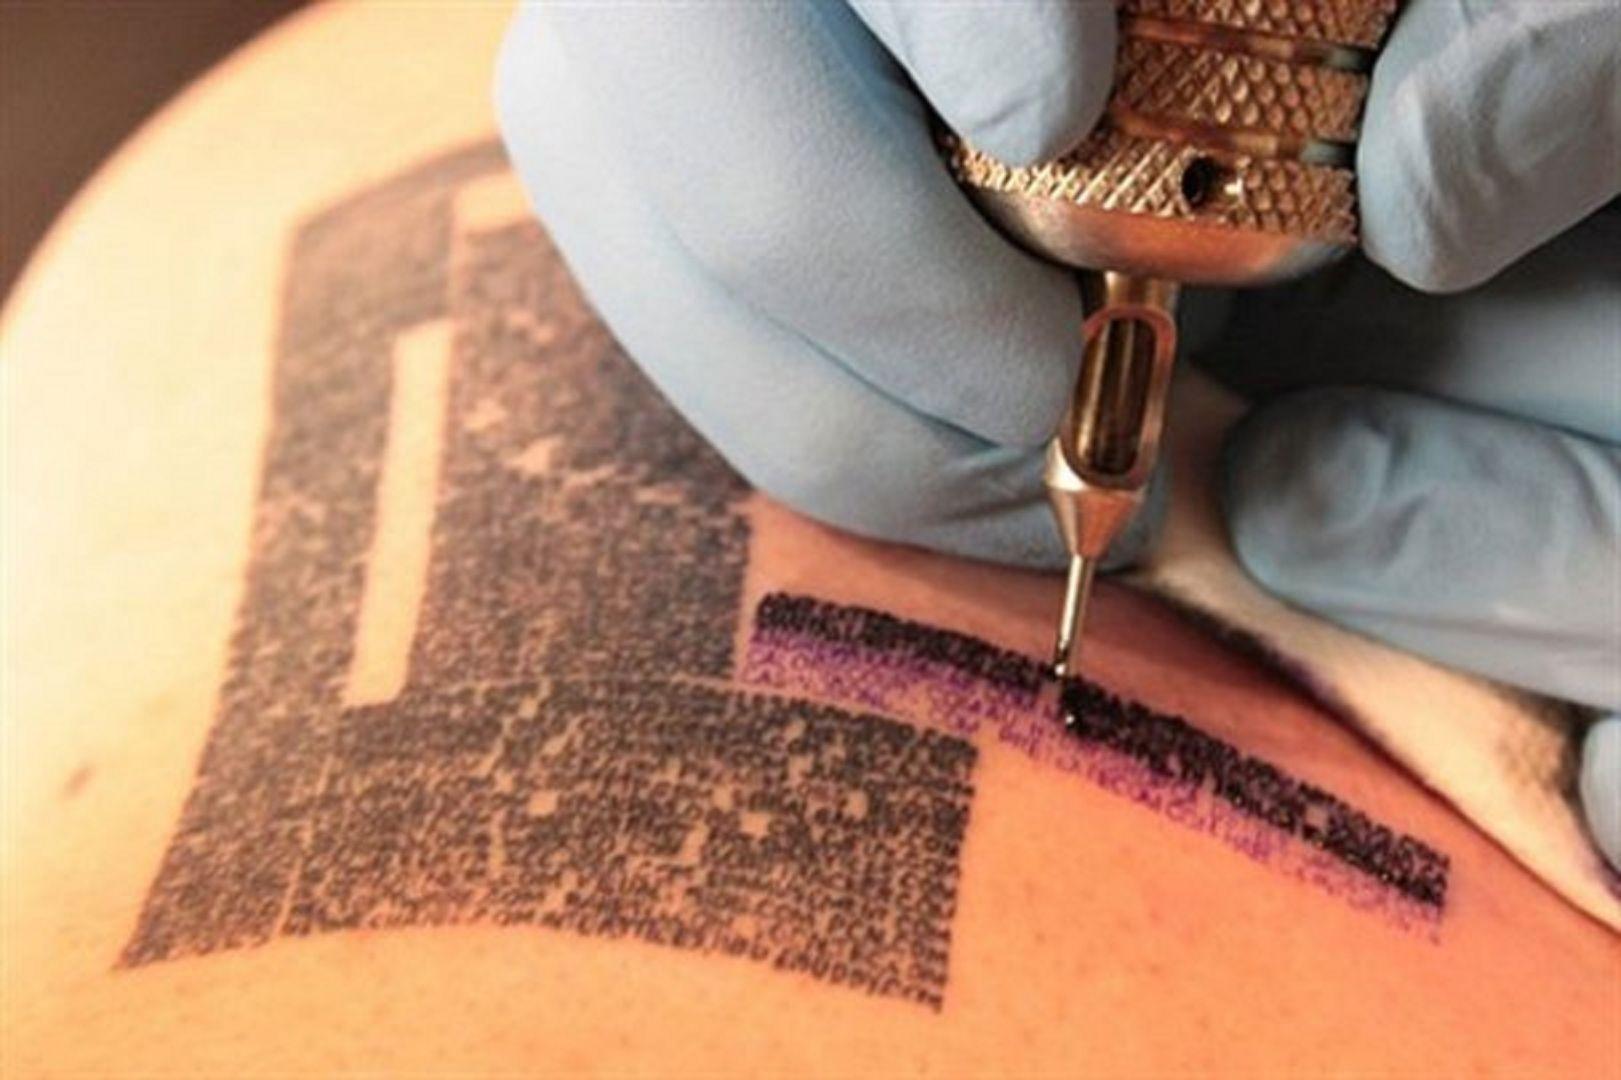 Ставрополец похитил ювелирные украшения, чтобы сделать себе татуировку